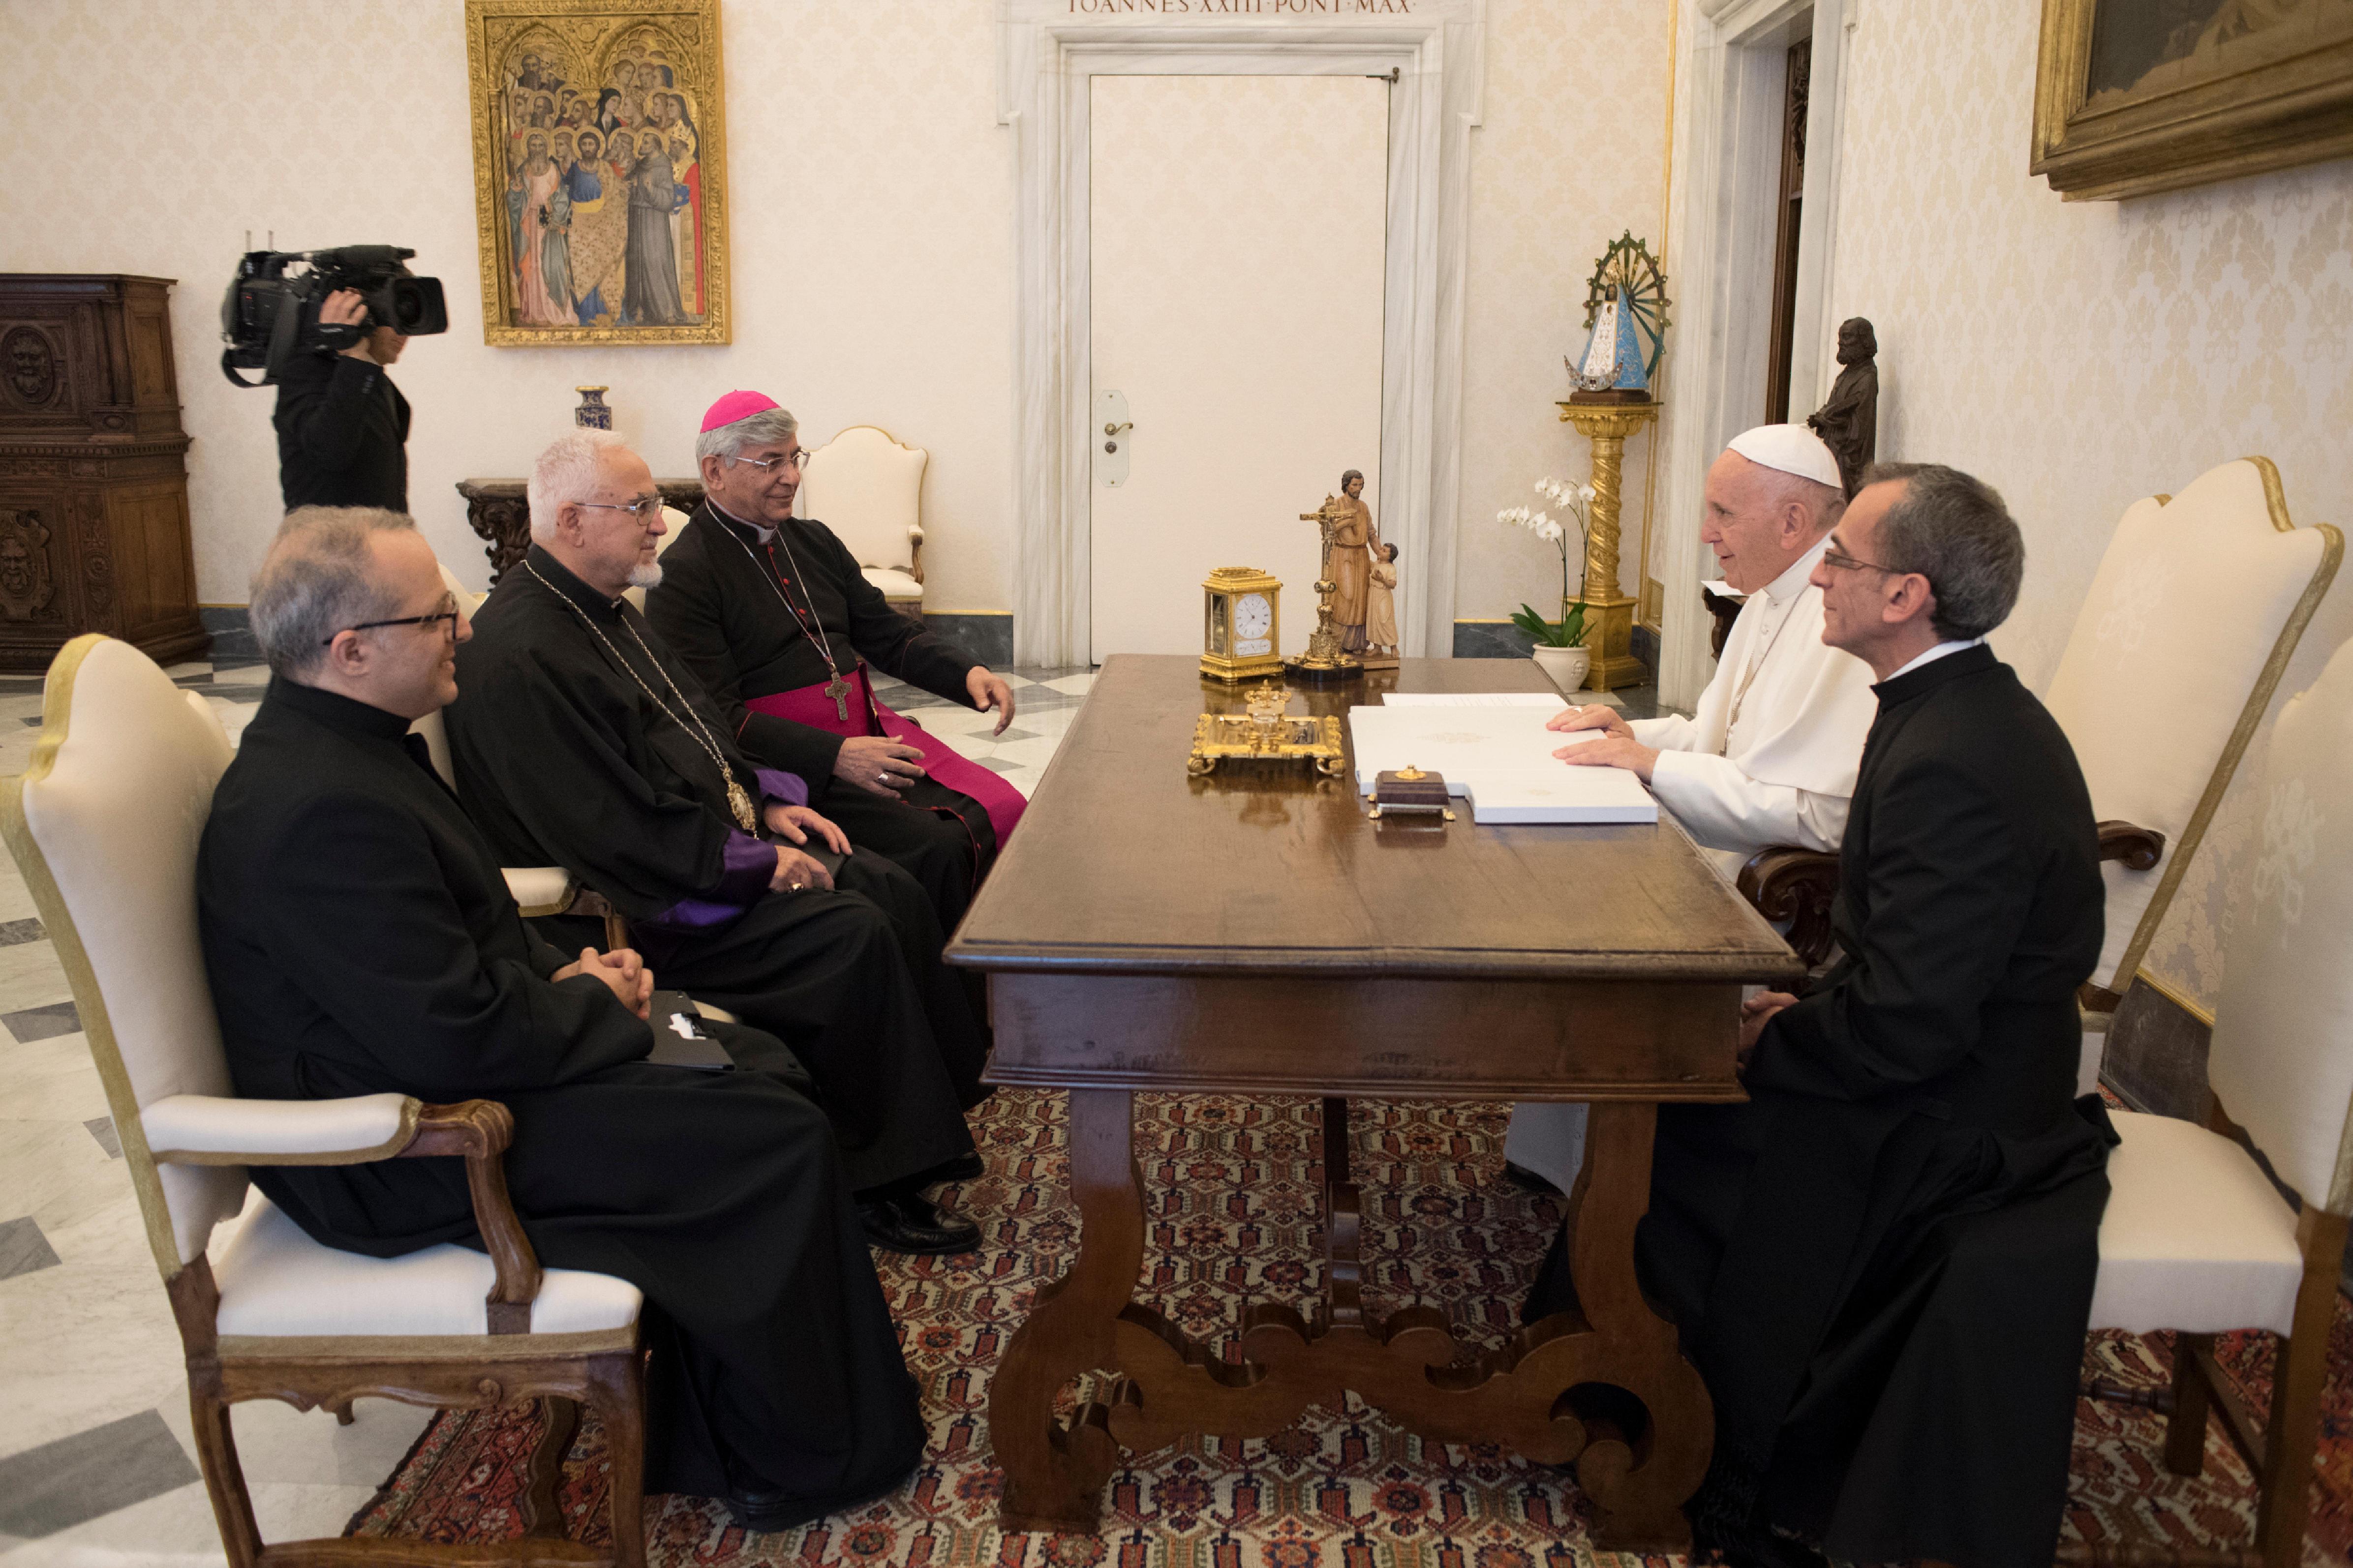 Visita 'ad limina apostolorum' de los obispos de Irán © Vatican Media